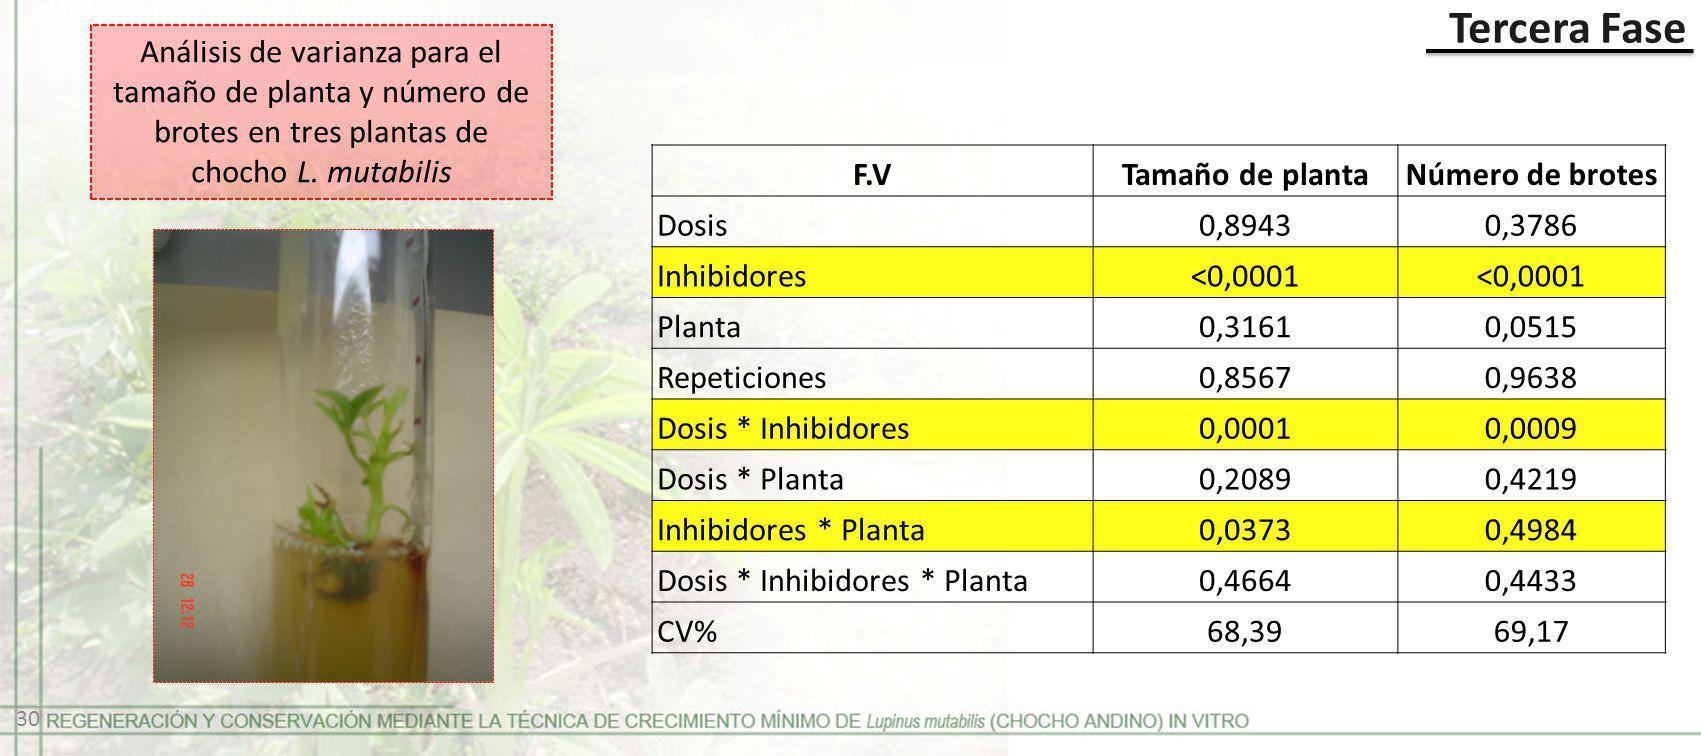 Tercera Fase Análisis de varianza para el tamaño de planta y número de brotes en tres plantas de chocho L. mutabilis F.VTamaño de plantaNúmero de brot